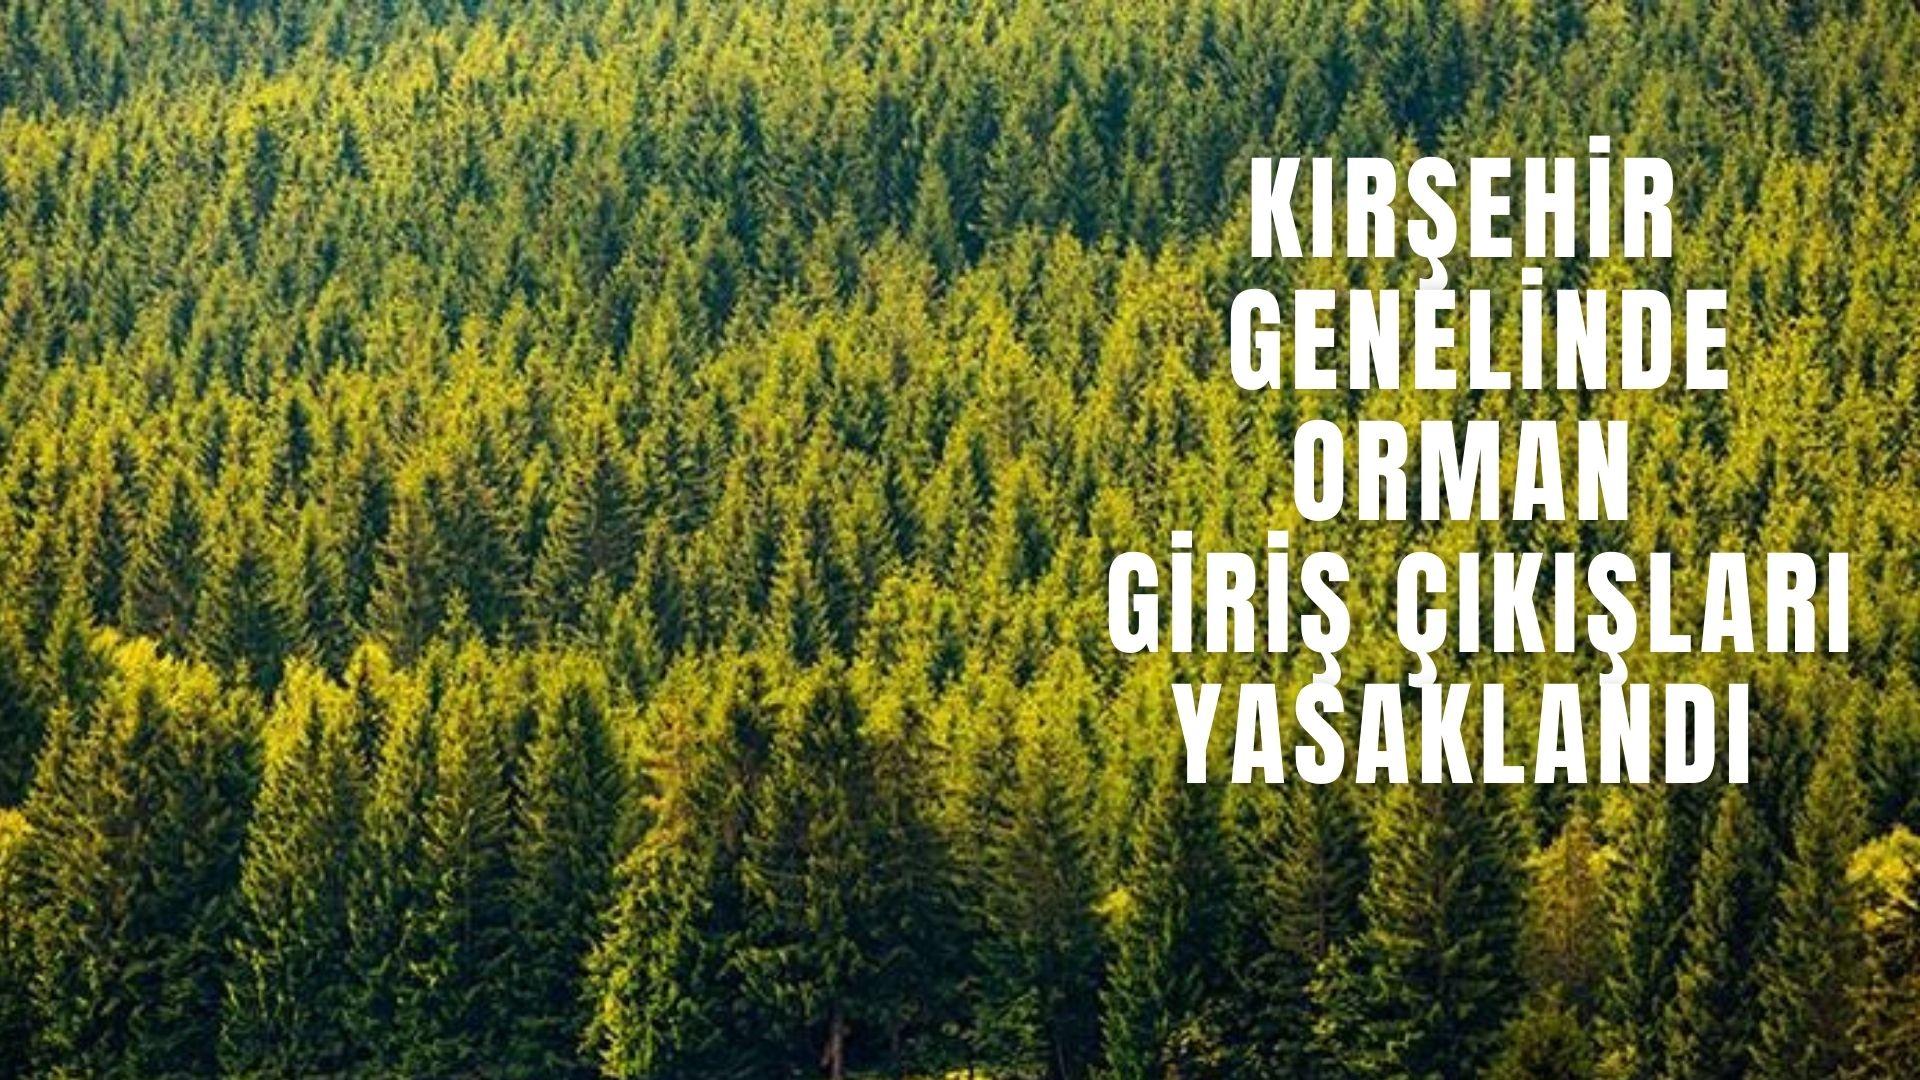 Kırşehir Geneli Ormanlara Giriş Çıkış yasaklandı